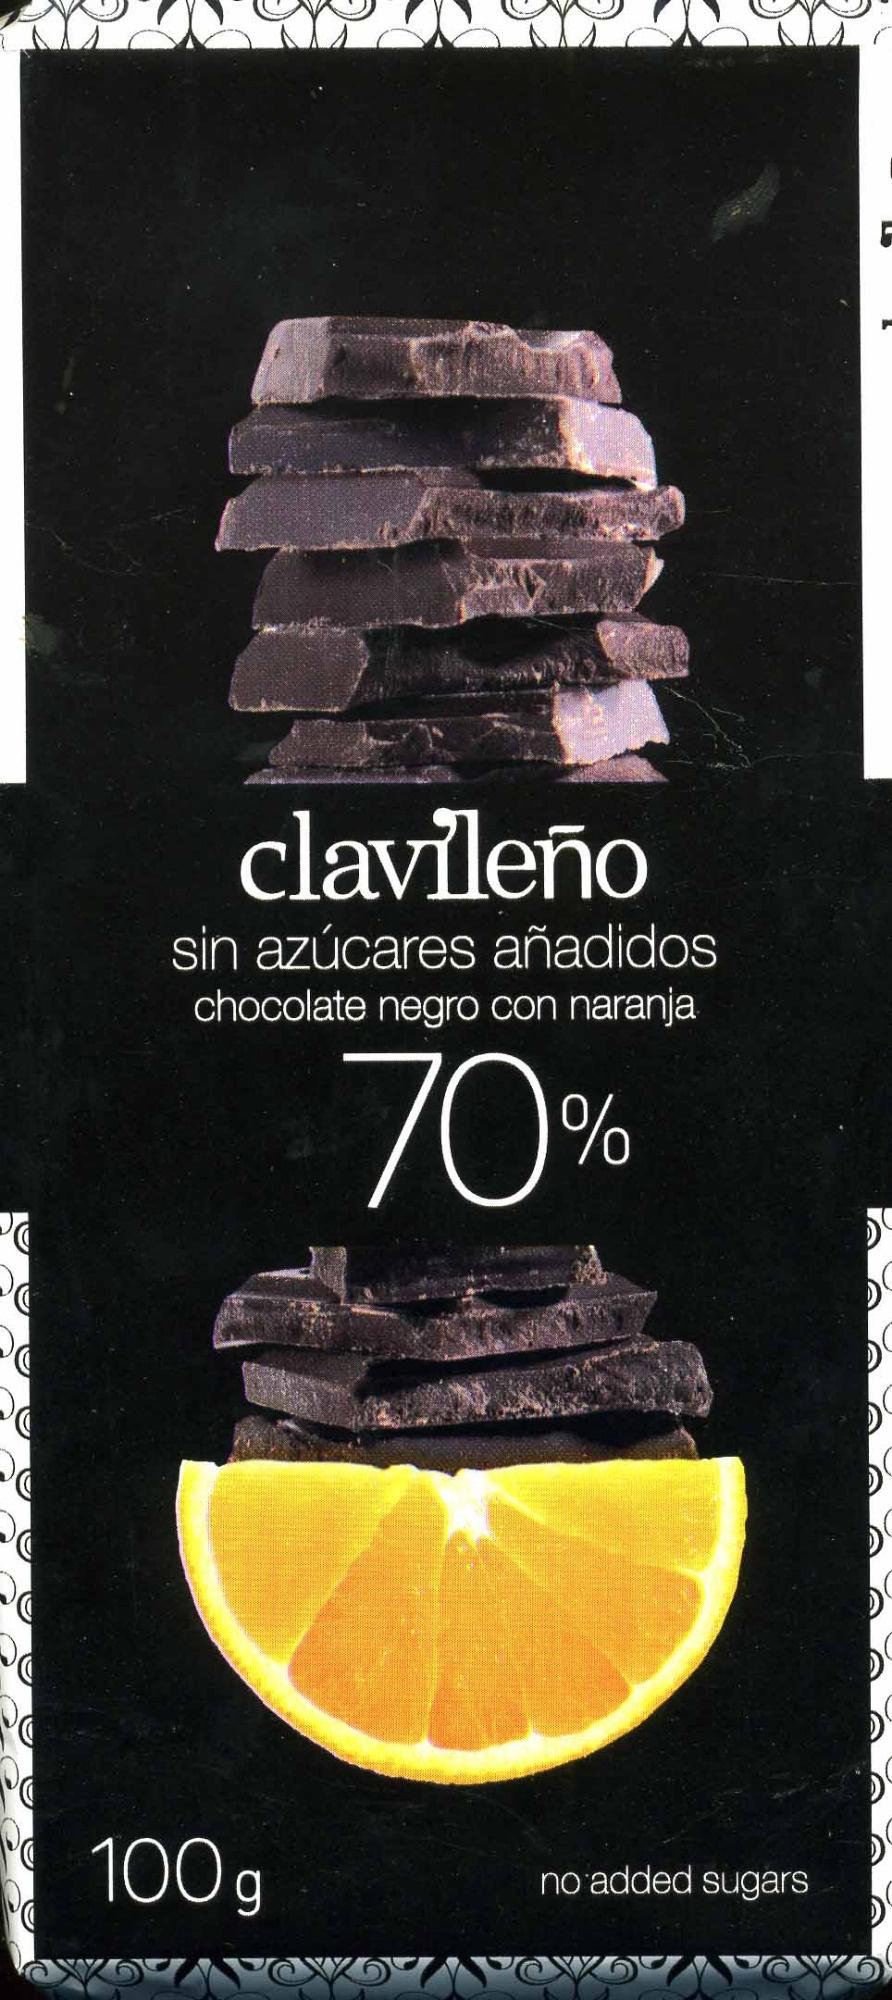 chocolate-negro-con-naranja-edulcorado-70-cacao-clavileno